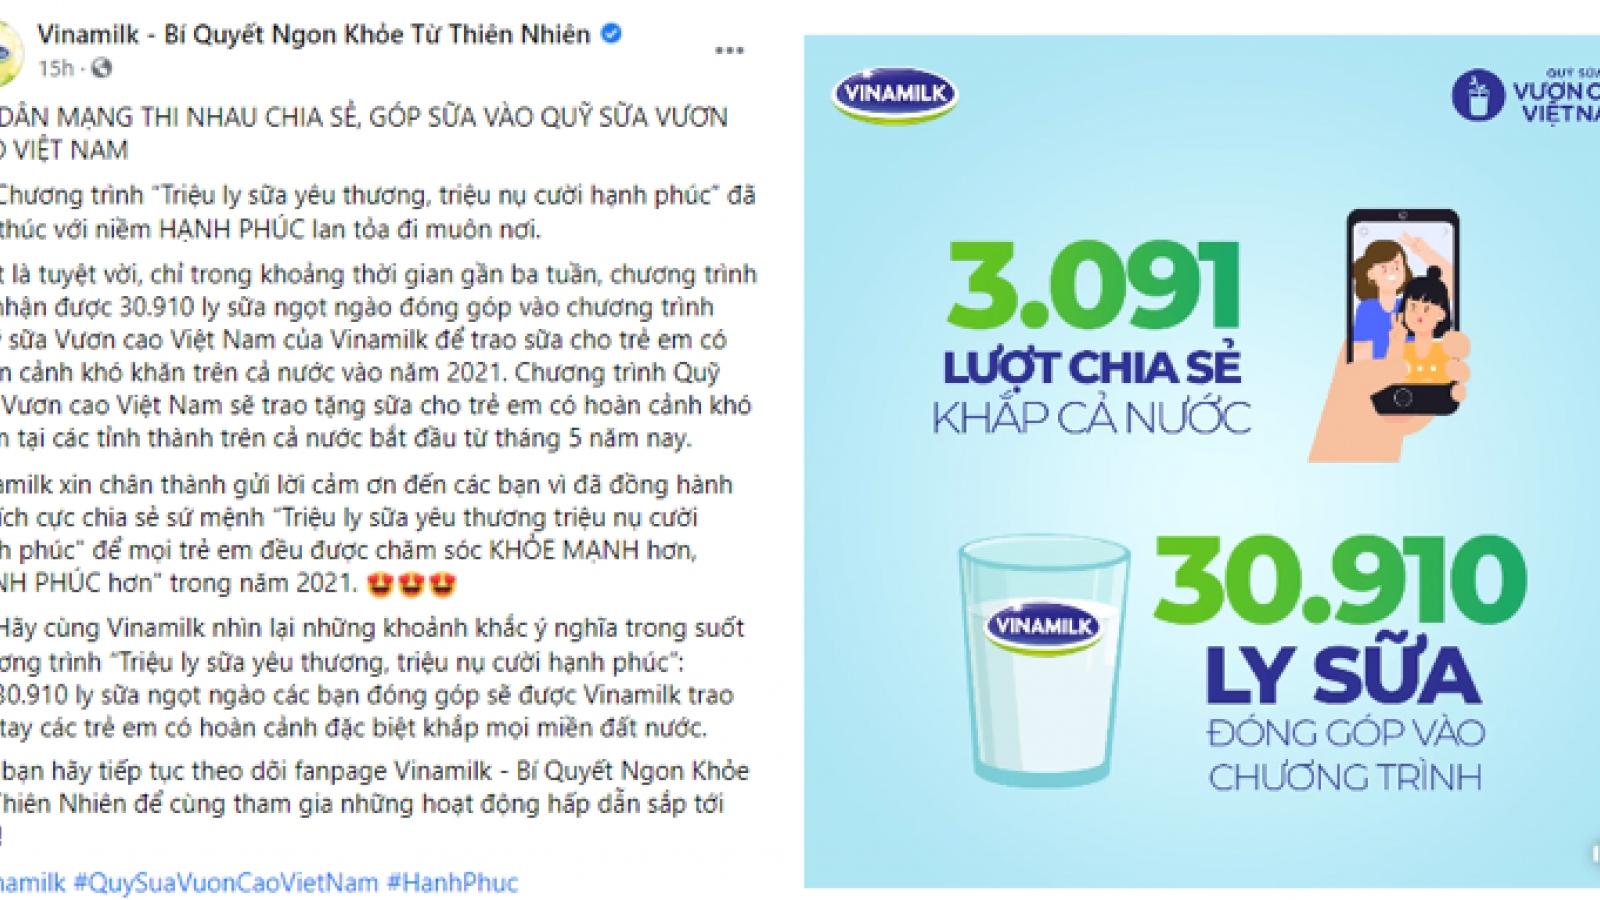 Quỹ sữa vươn cao Việt Nam 2021 của Vinamilk sẽ có thêm 31.000 ly sữa